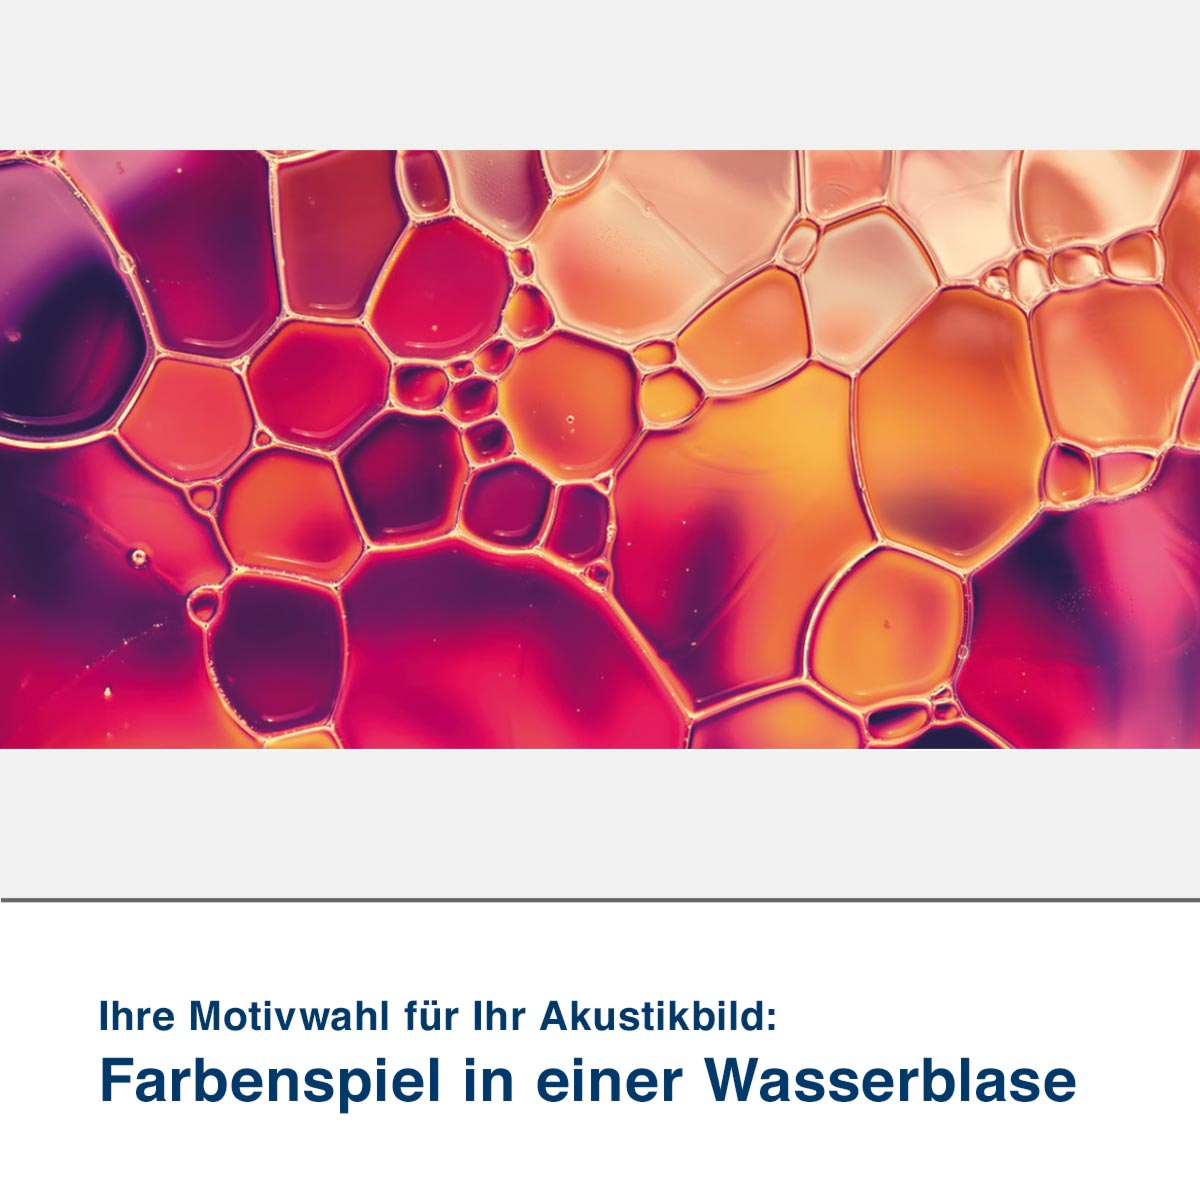 Akustikbild Motiv Farbenspiel in einer Wasserblase